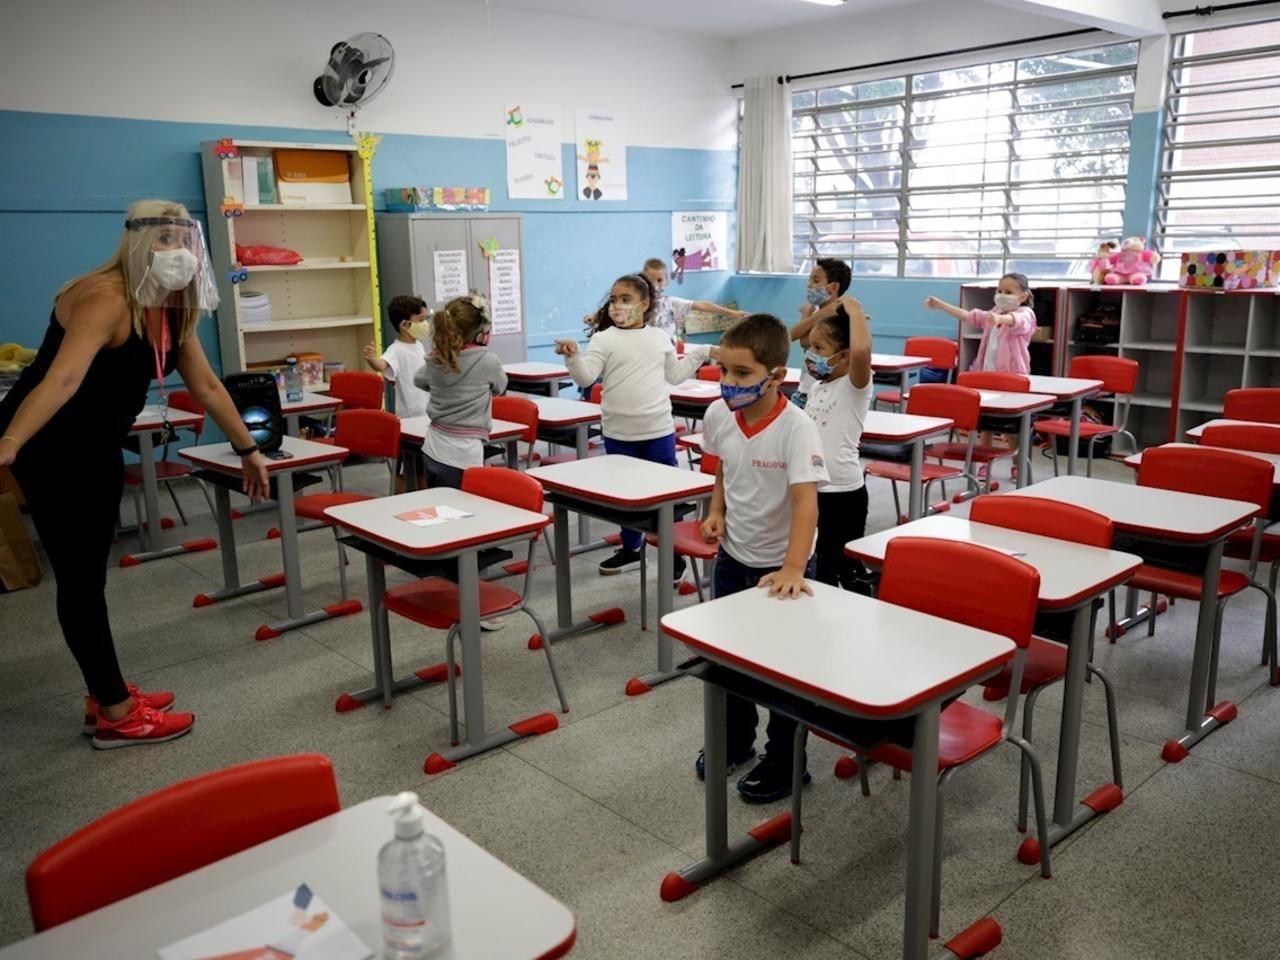 la SEP anunció la cancelacion de clases en escuelas particulares